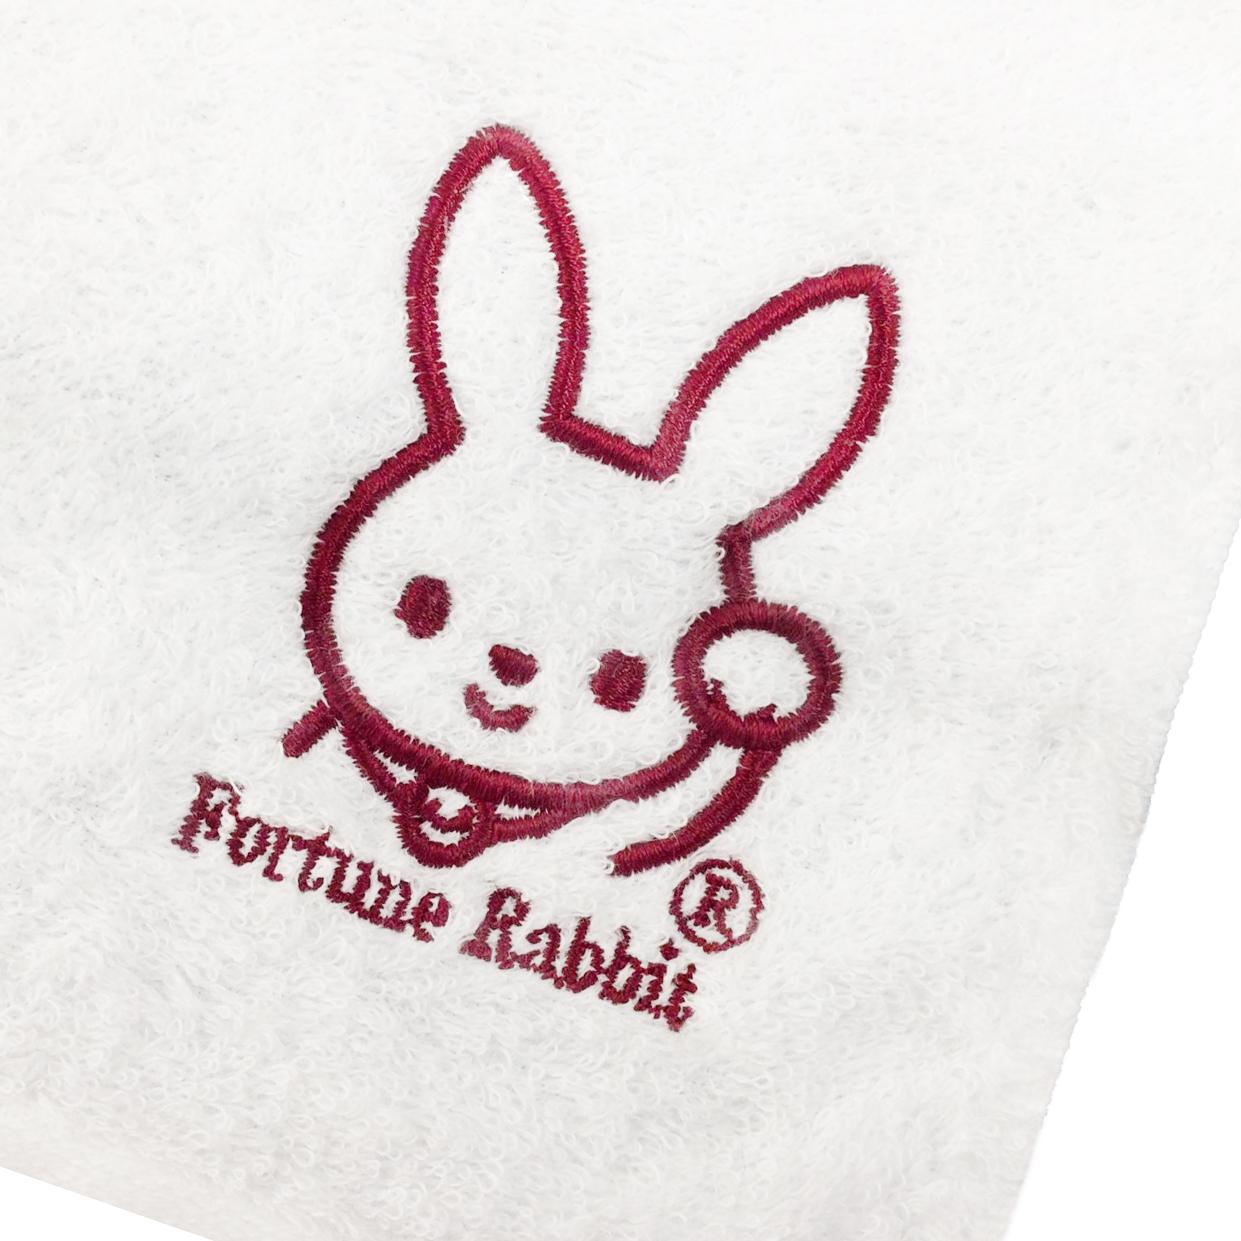 【18900】オリジナル刺繍/瀬戸織りたおる/ハンドタオル ホワイト/B位置